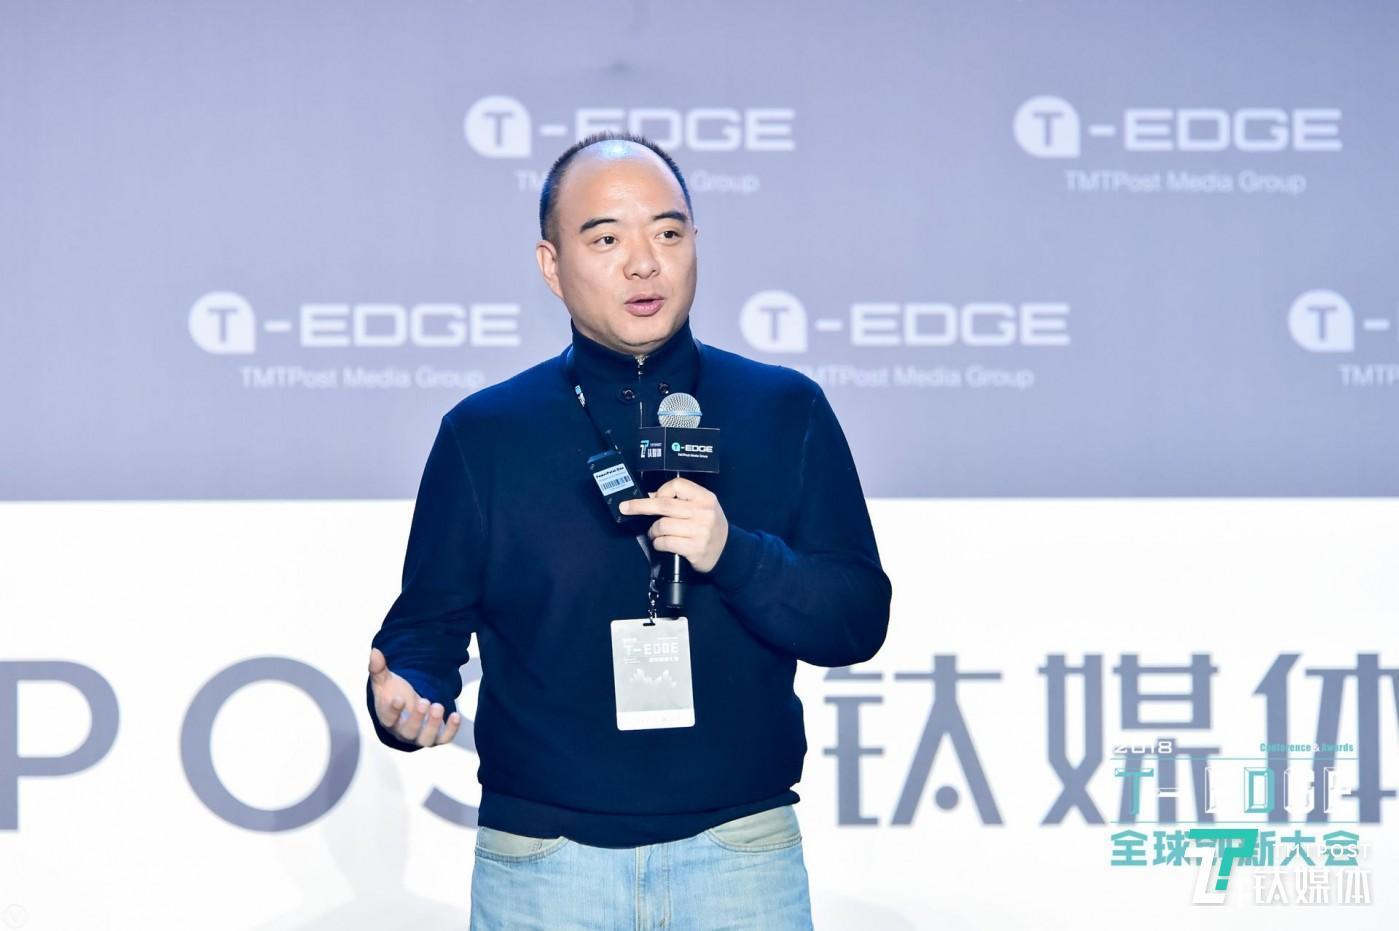 全时集团创始人兼CEO 陈学军